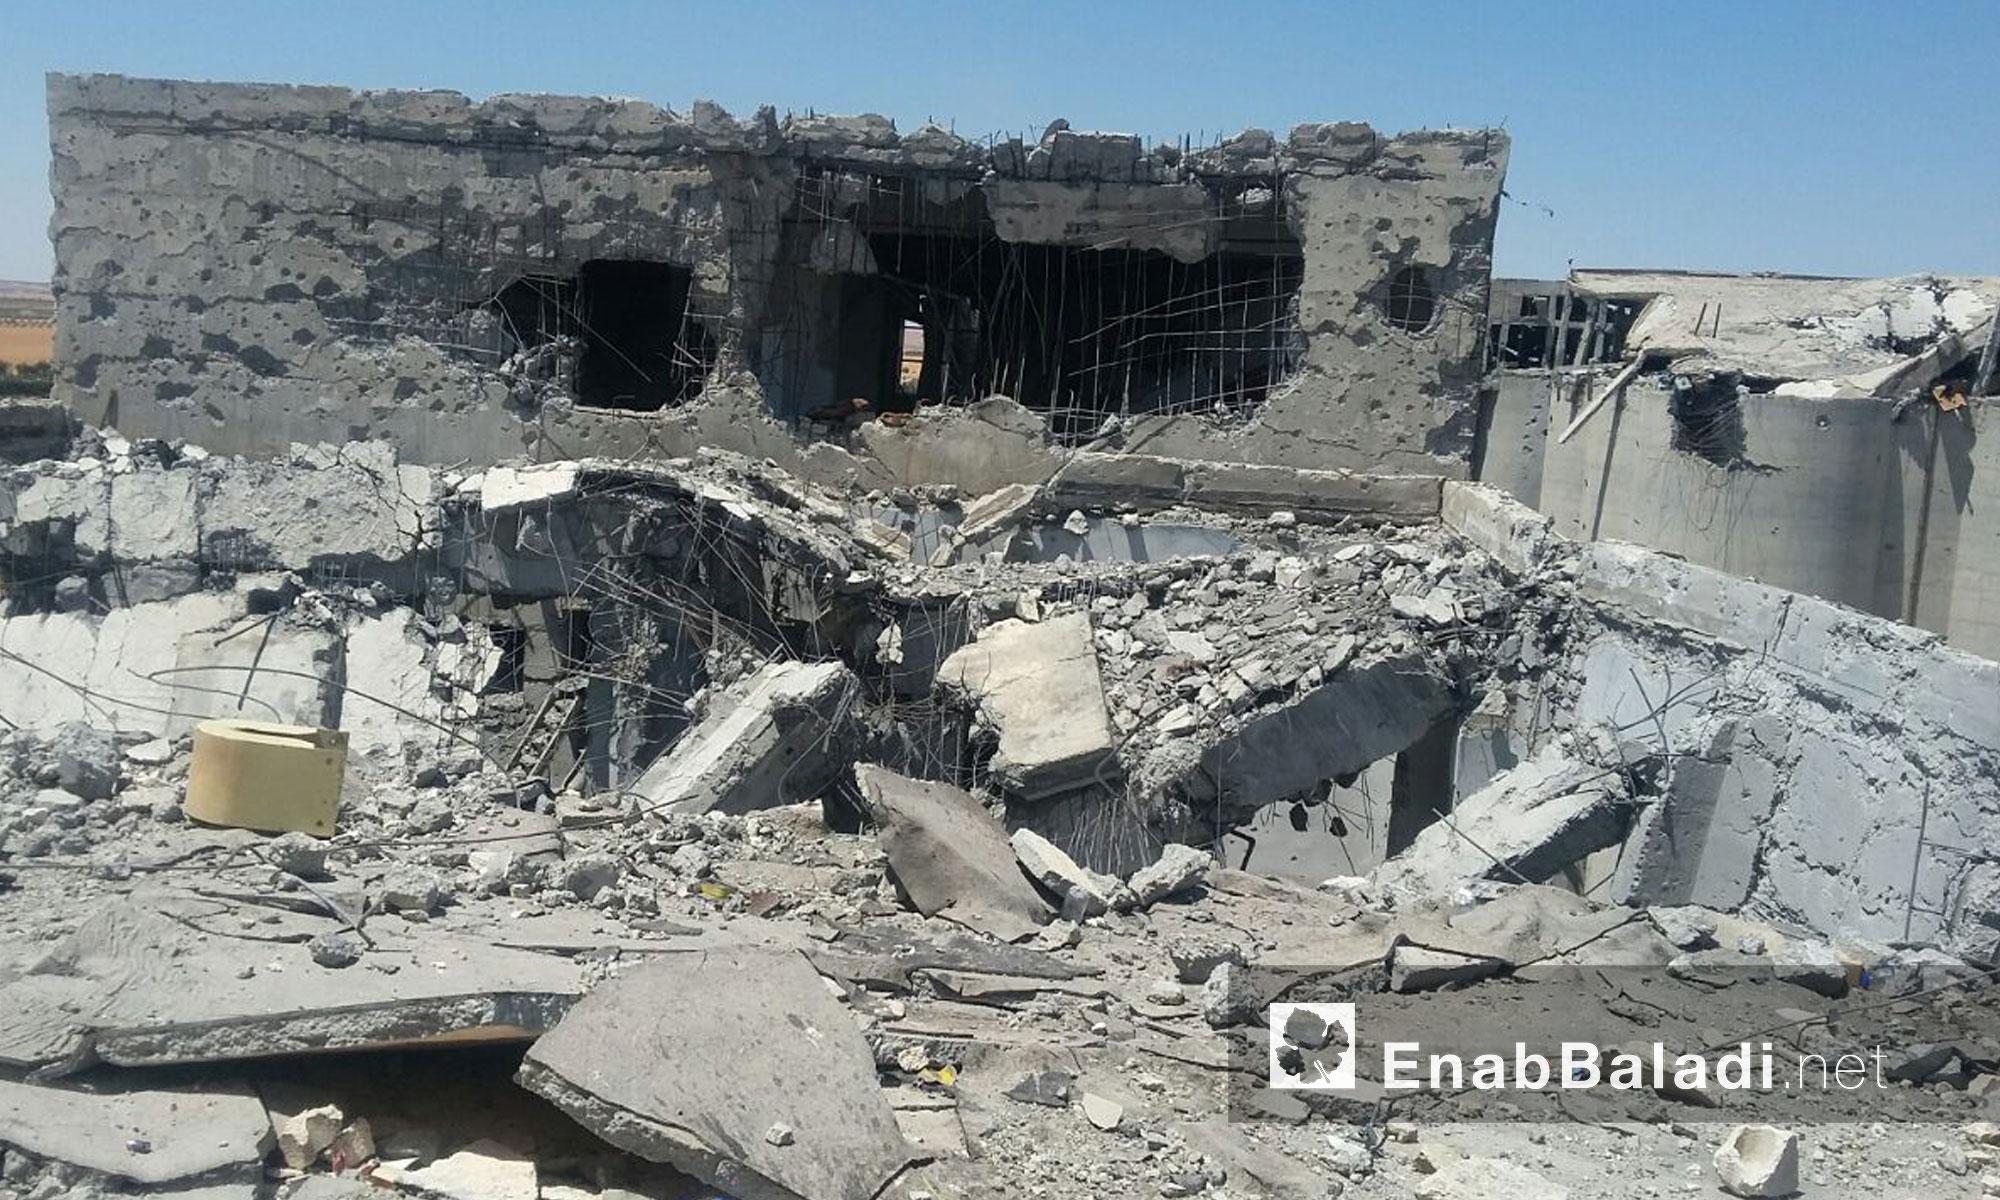 """وتقع الصوامع في الجهة الجنوبية من منبج، وتلقّت عشرات الغارات الجوية من طيران التحالف الدولي بقيادة الولايات المتحدة الأمريكية، قبل أن تحكم """"سوريا الديمقراطية"""" السيطرة عليها مطلع تموز الجاري."""